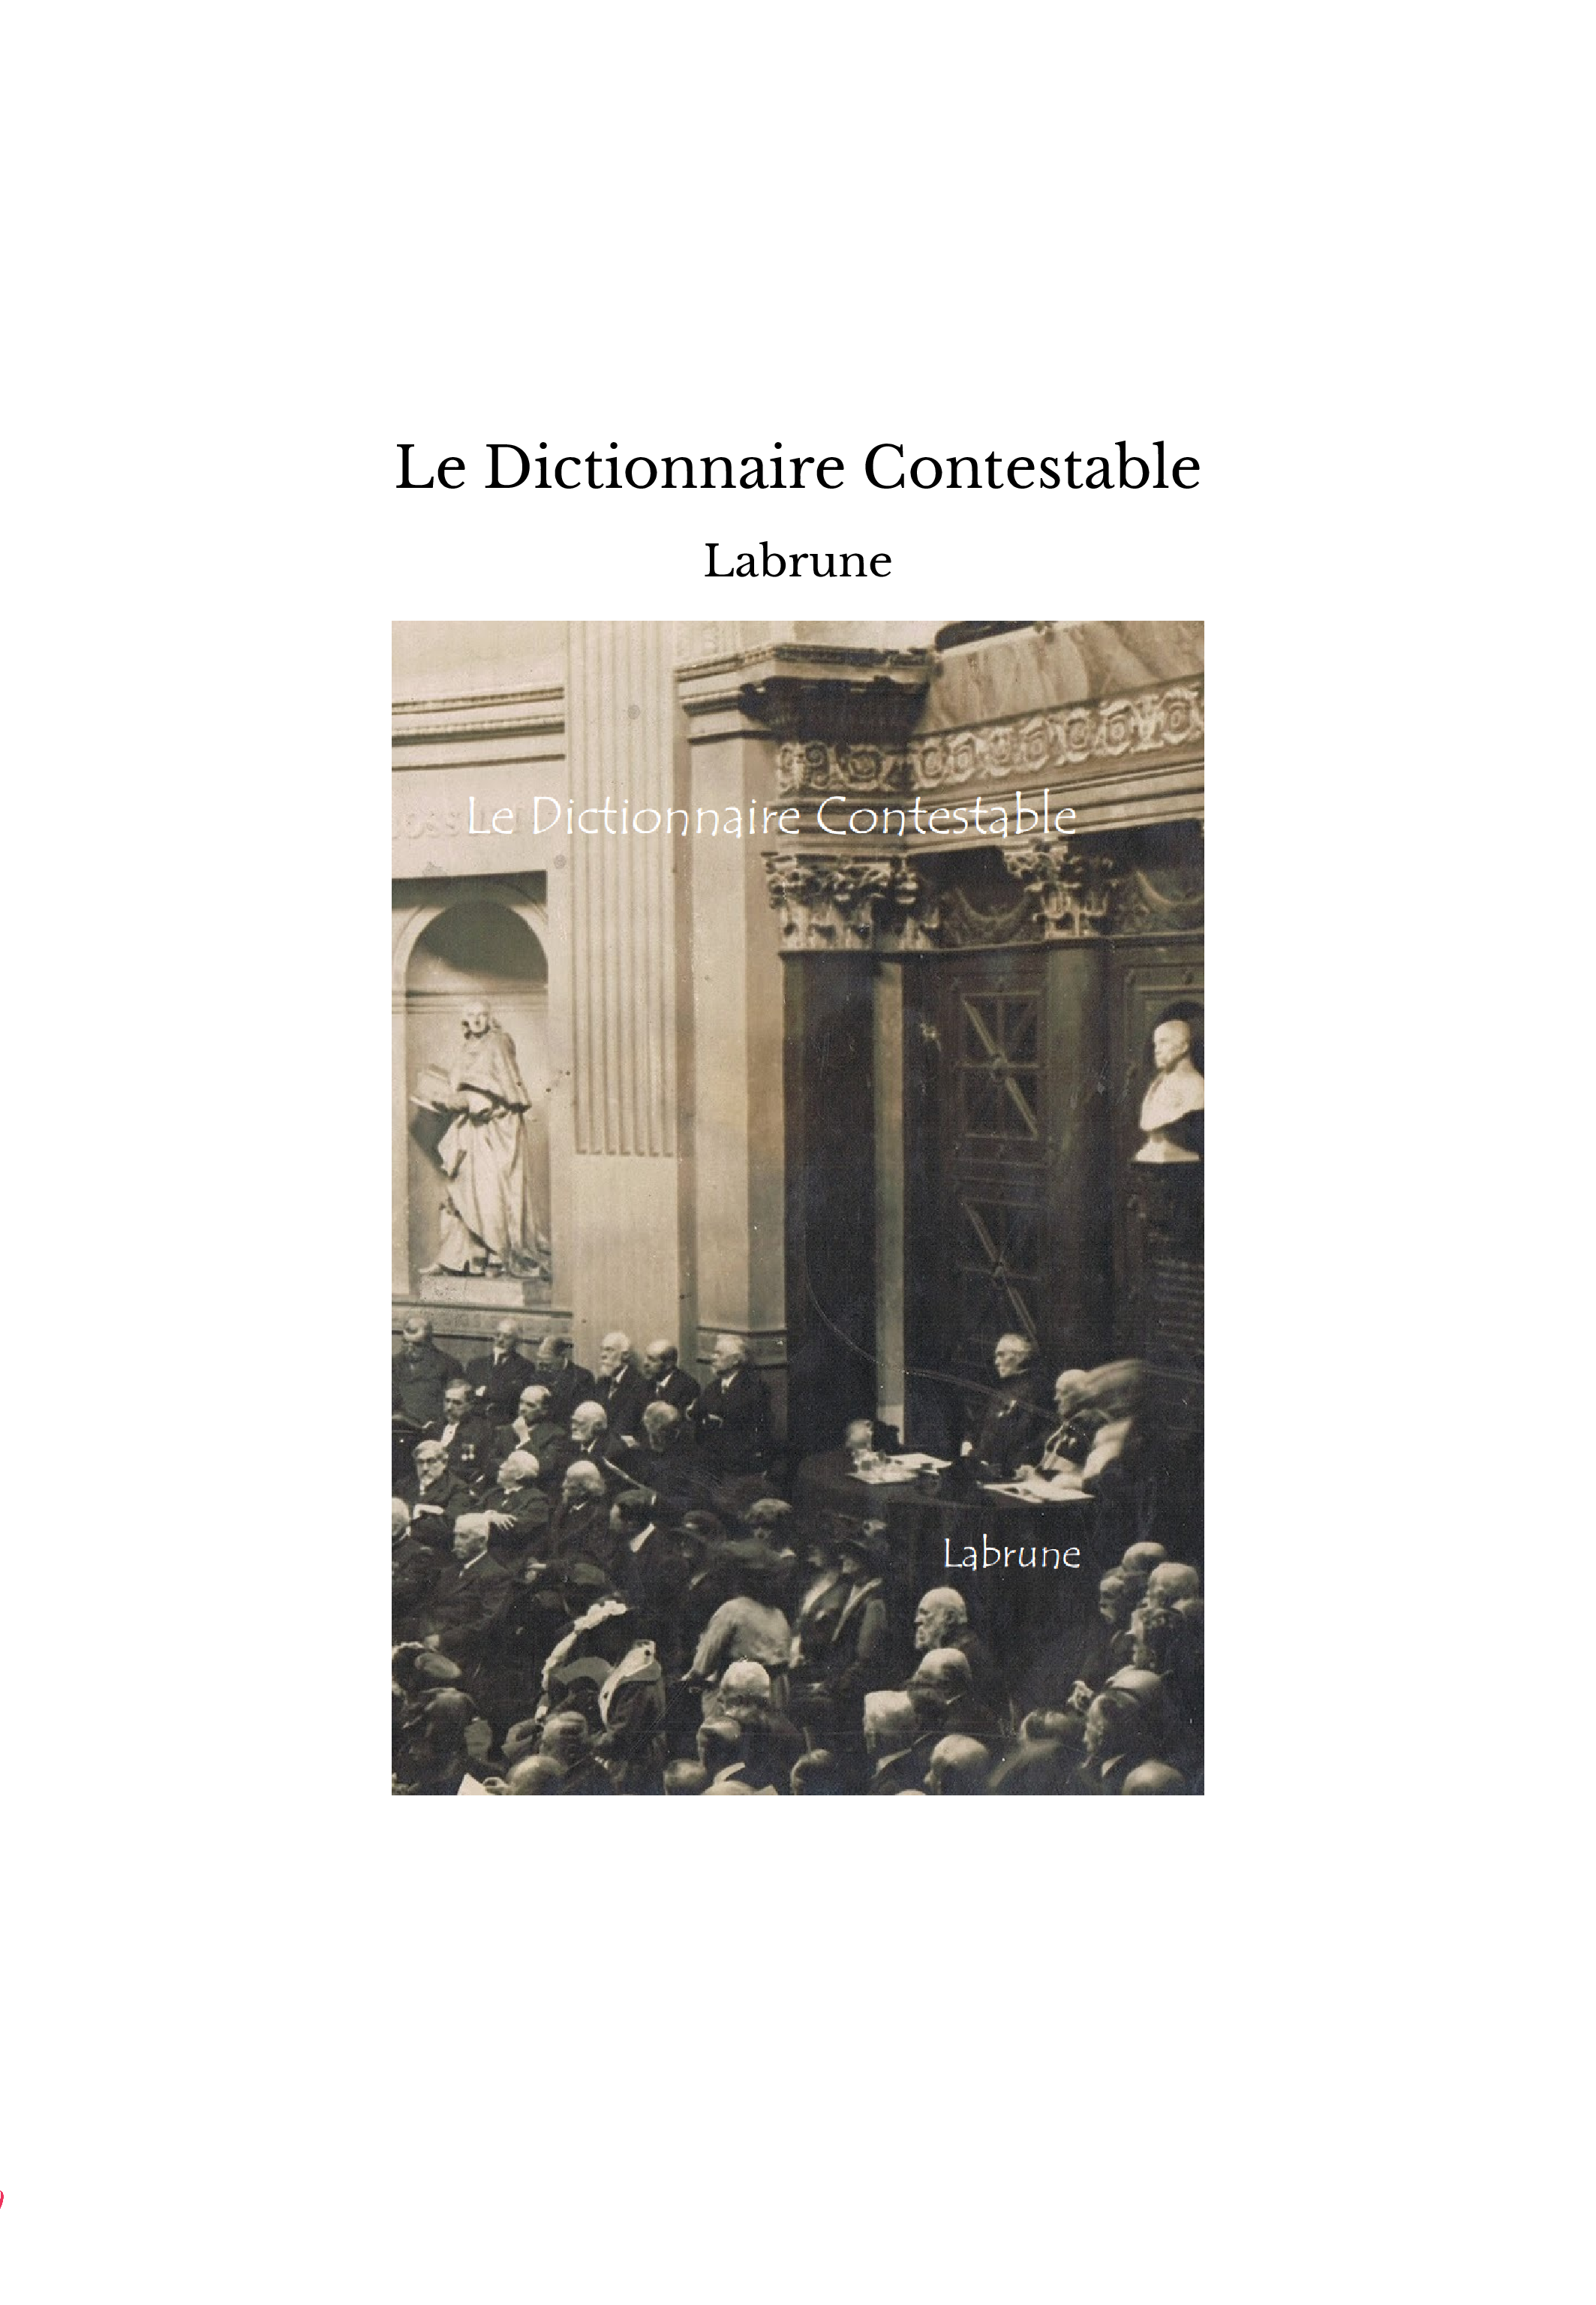 Le Dictionnaire Contestable